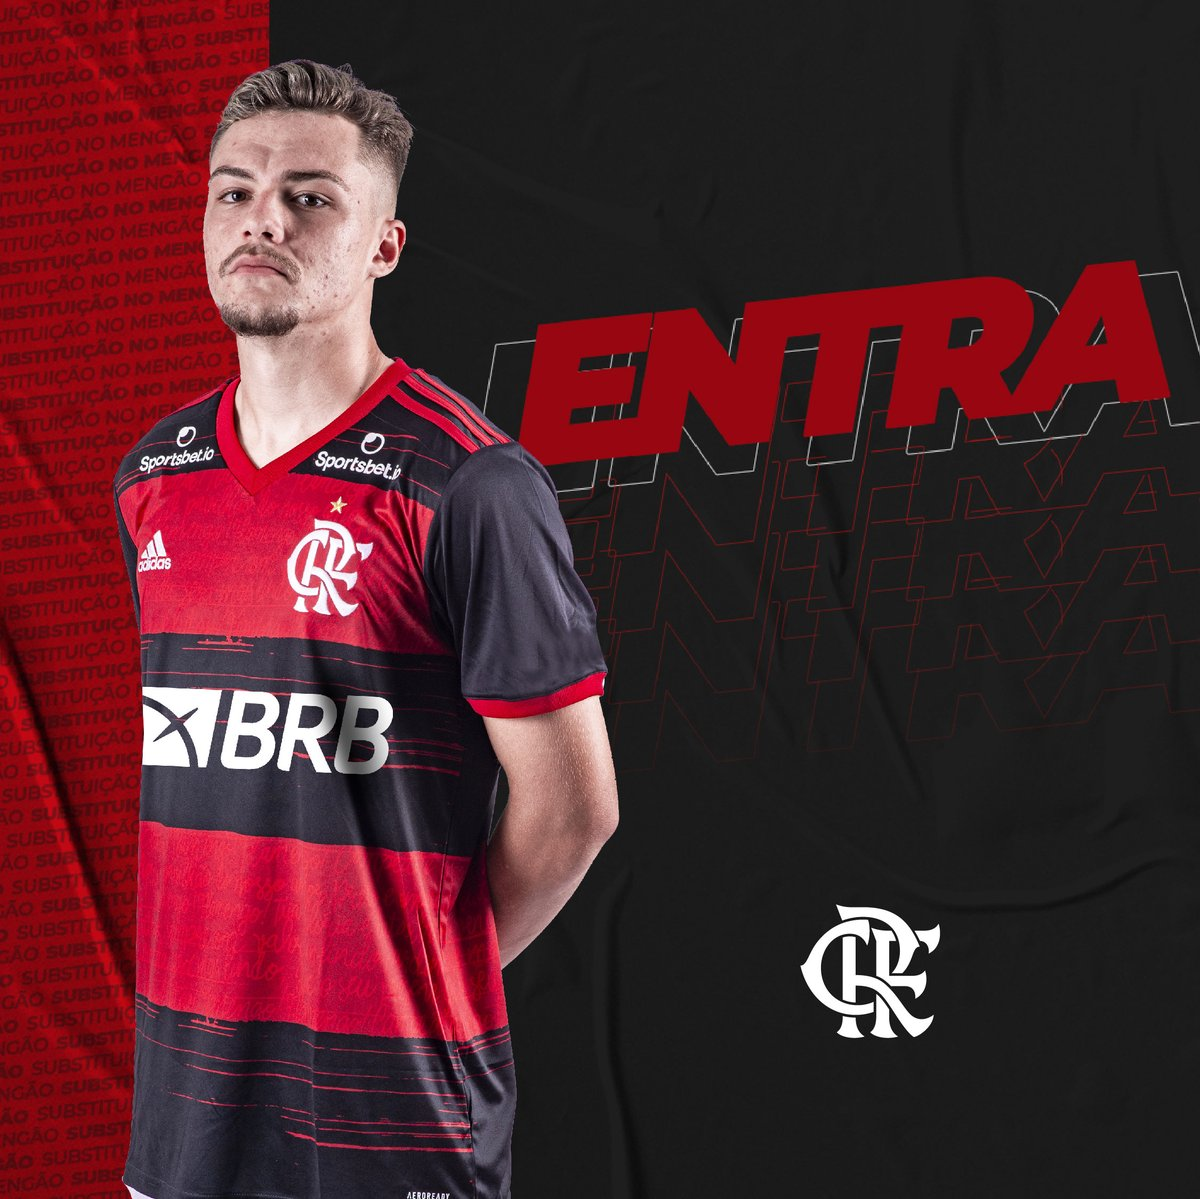 38 | 1ºT | 0-1 - Substituição no Flamengo! ▶️Entra: Noga ◀️Sai: Gustavo Henrique #CORxFLA #VamosFlamengo